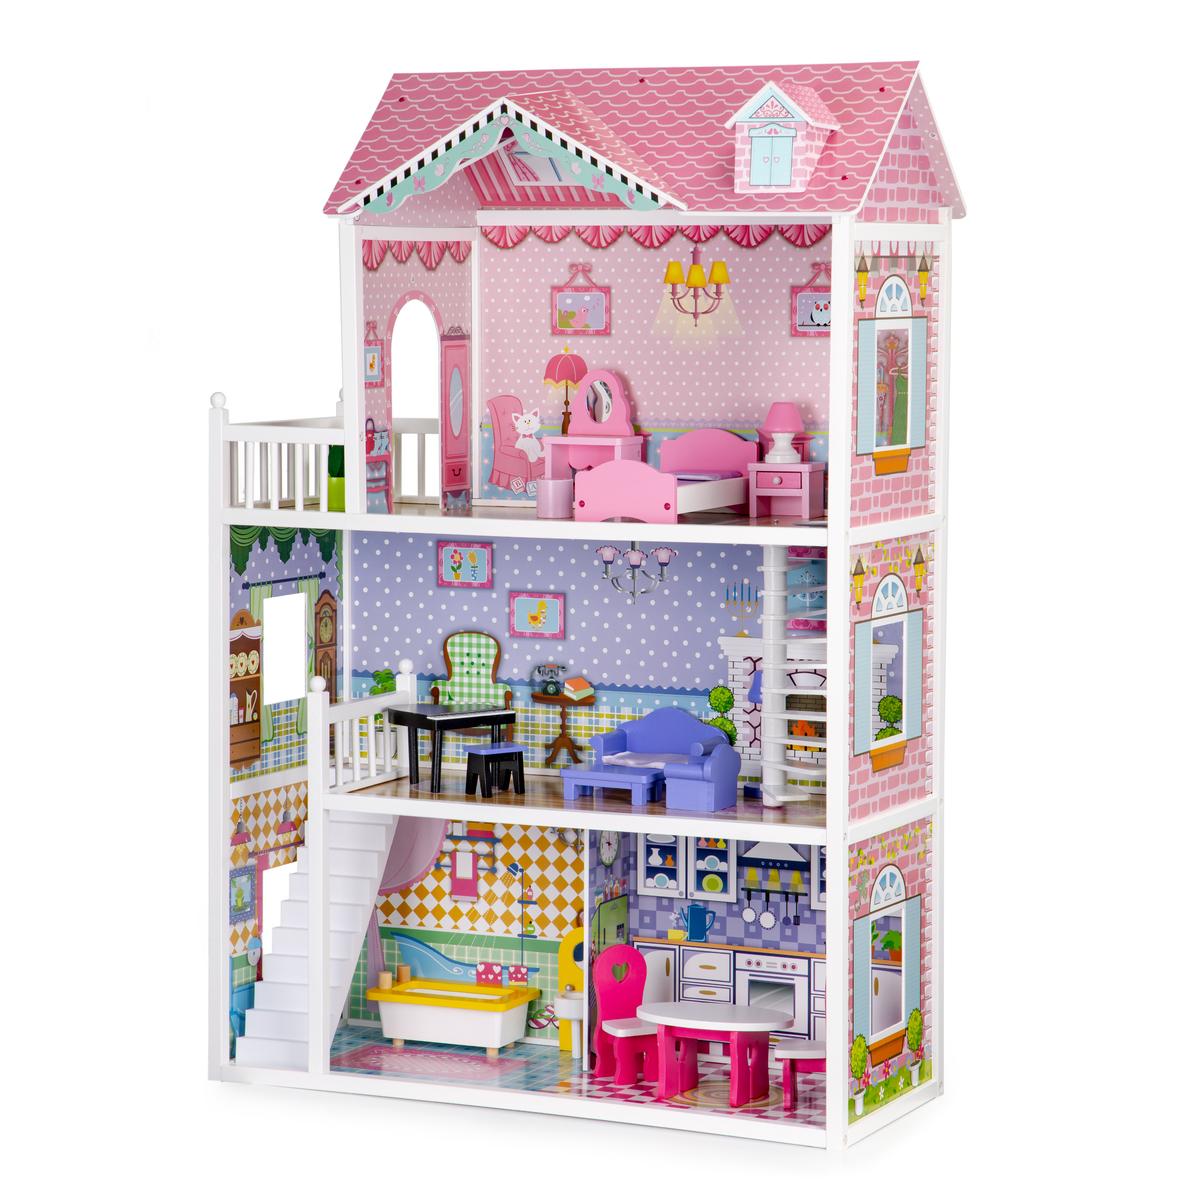 Drevený domček pre bábiky Lilly dollhouse